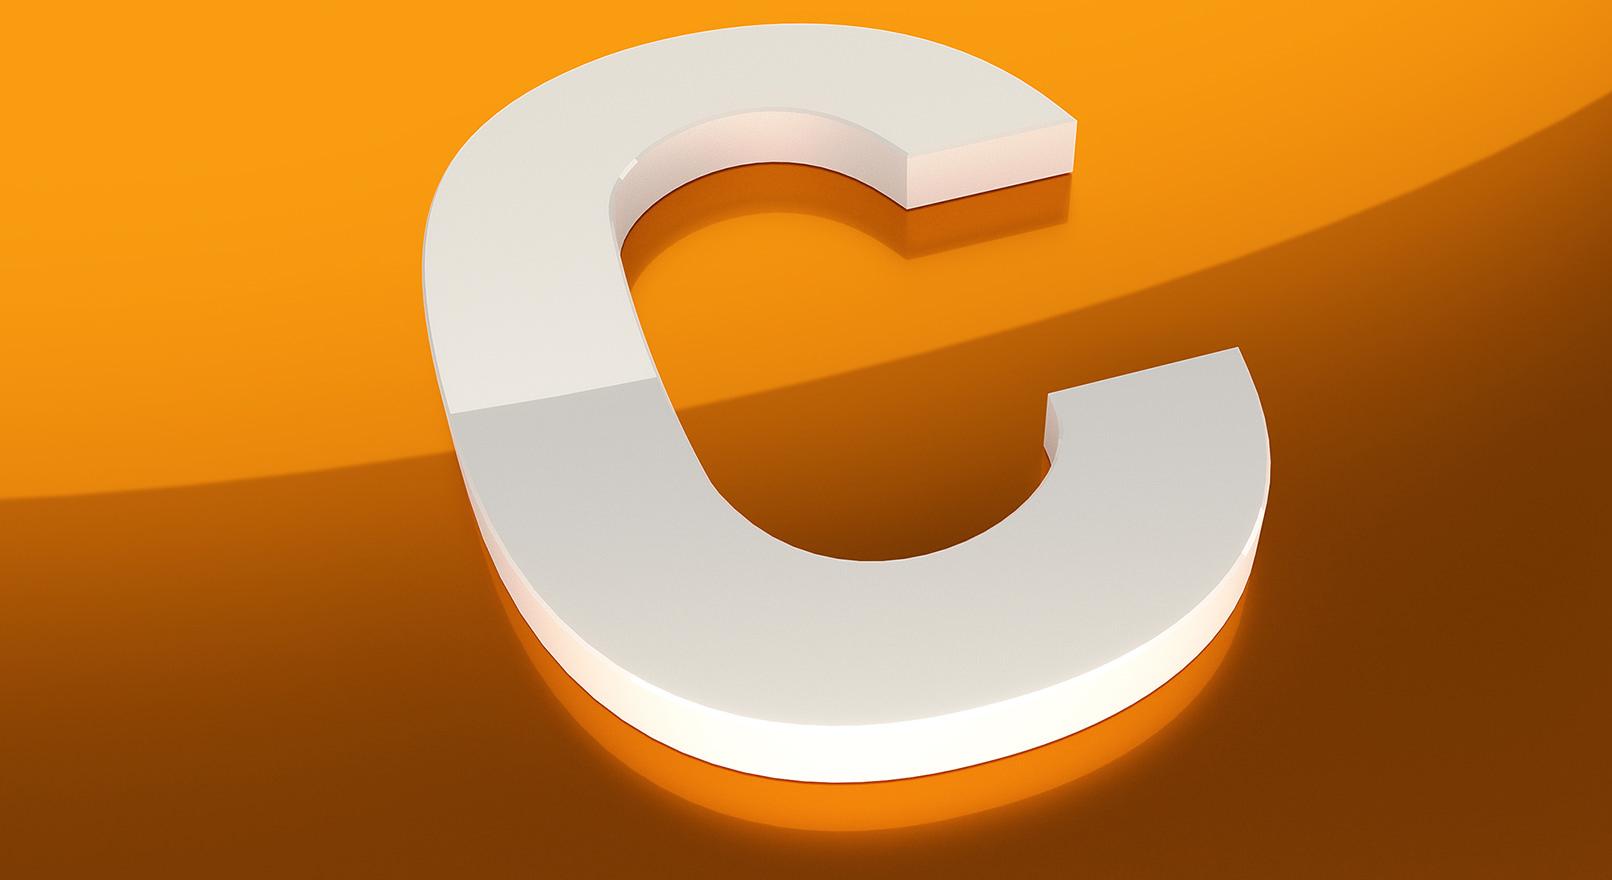 Logo des CMS Contao